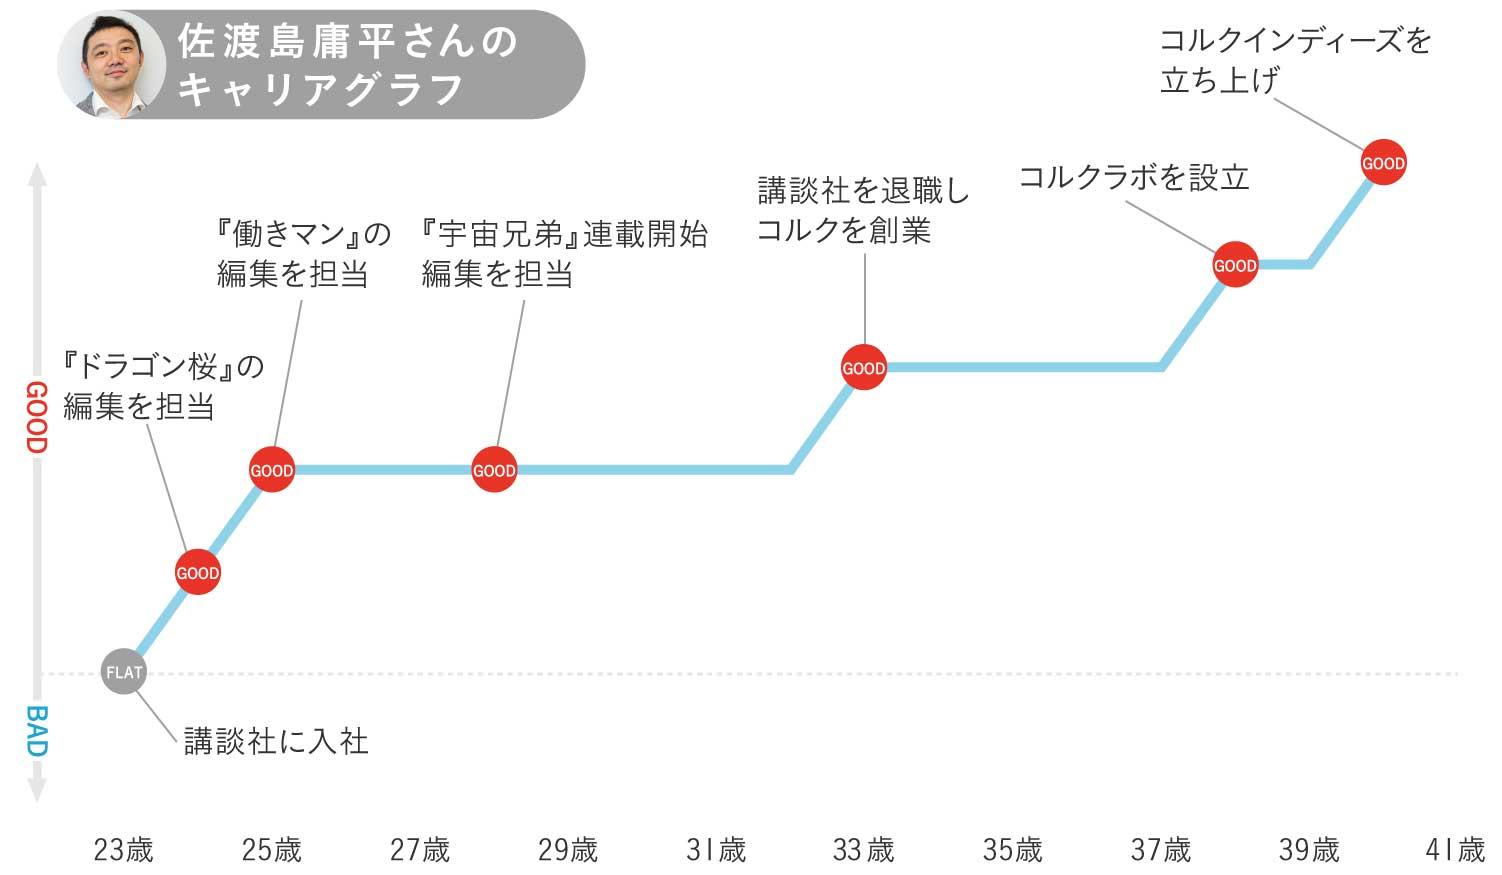 佐渡島庸平さんのキャリアグラフ1